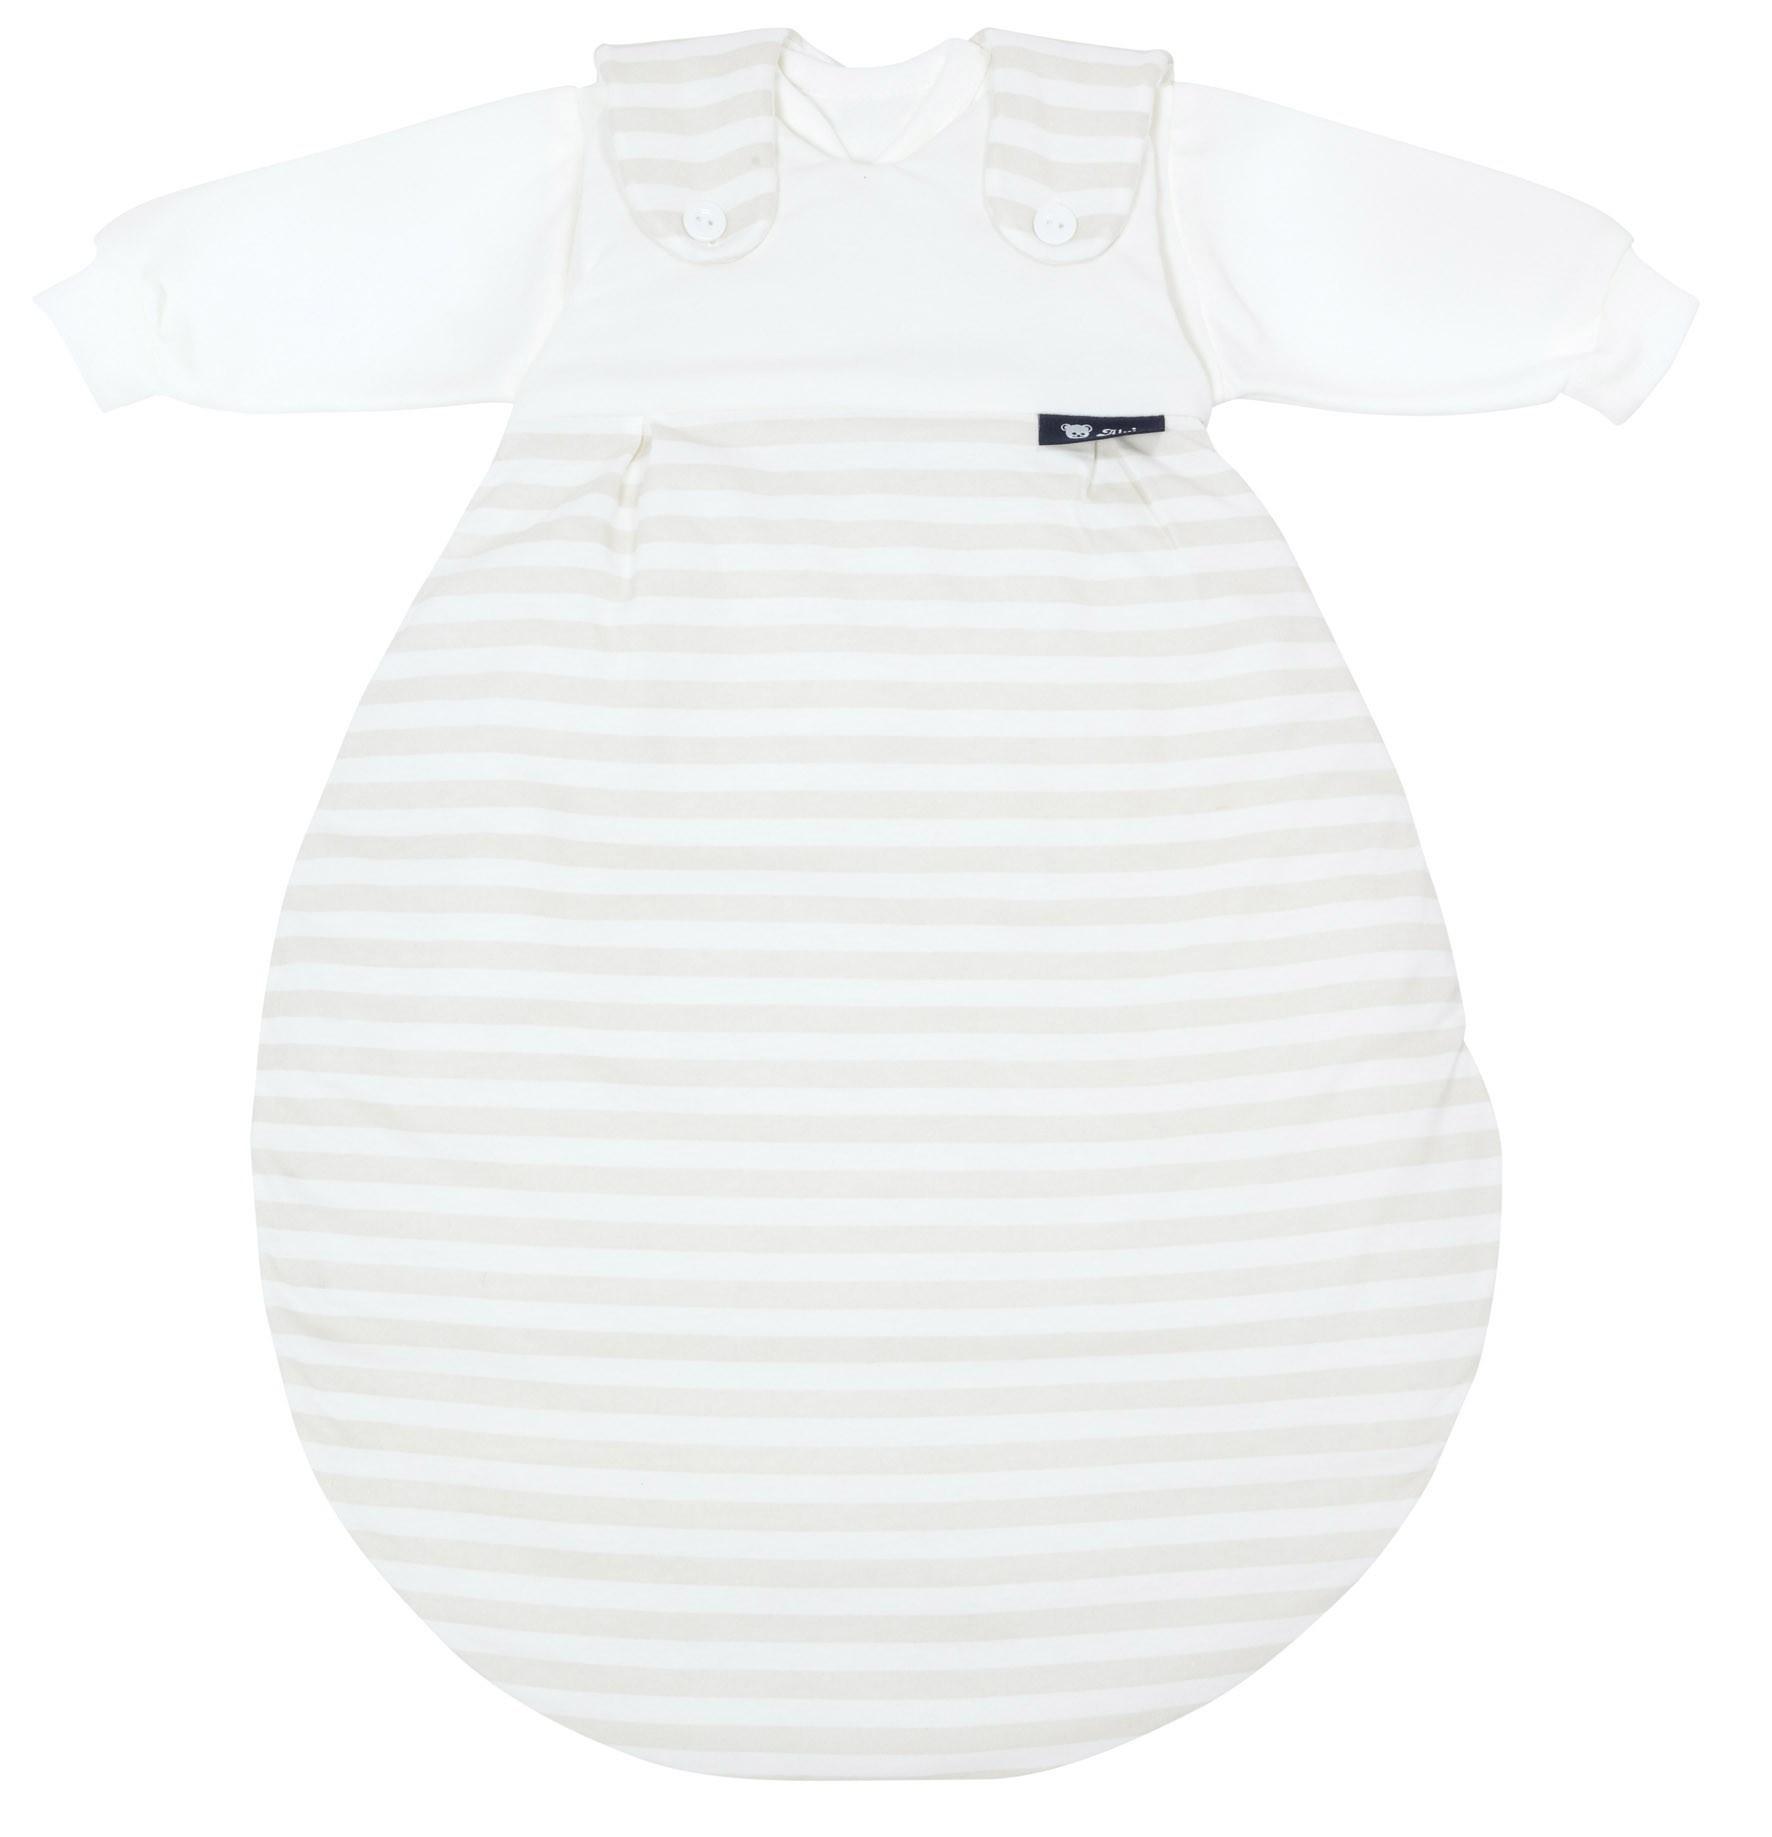 Alvi Baby Mäxchen Schlafsack 68/74 117-6